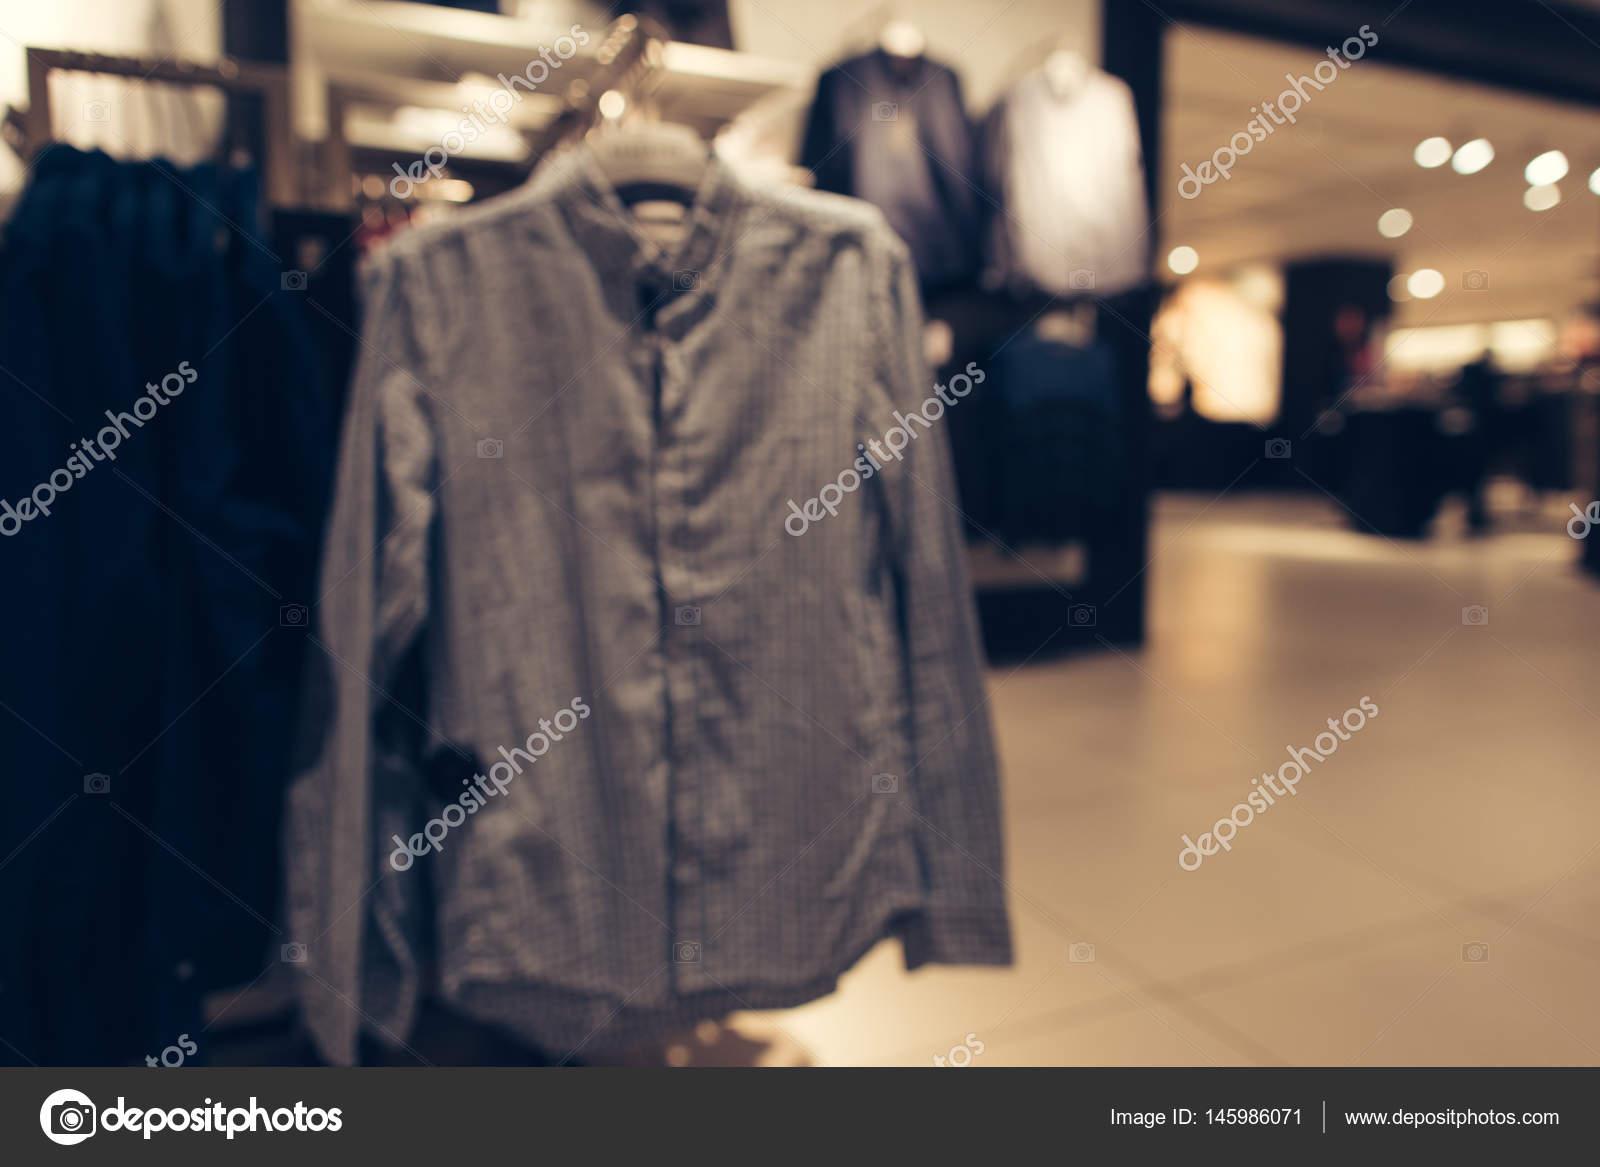 711bdaf967f6 Conservare i vestiti degli uomini. Camicia uomo nel negozio di vestiti.  Priorità bassa vaga– immagine stock